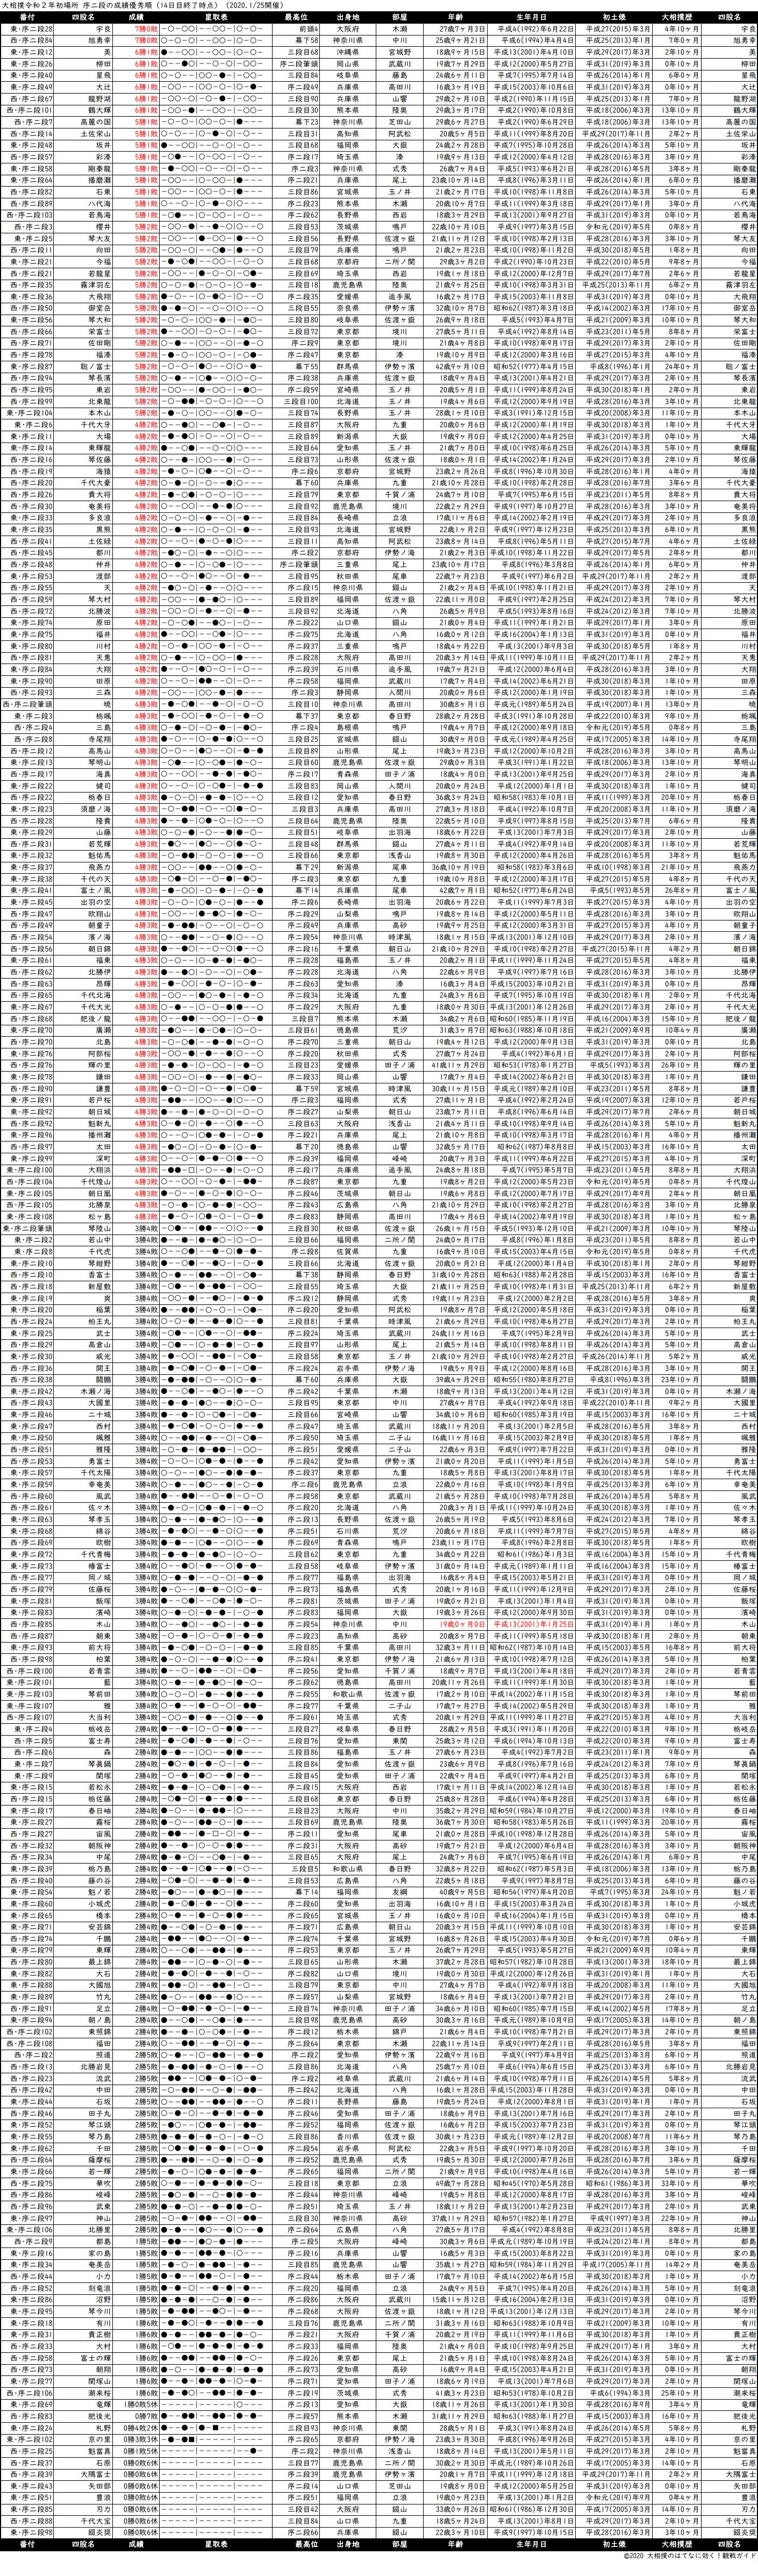 序二段成績順一覧表・2020年1月場所14日目